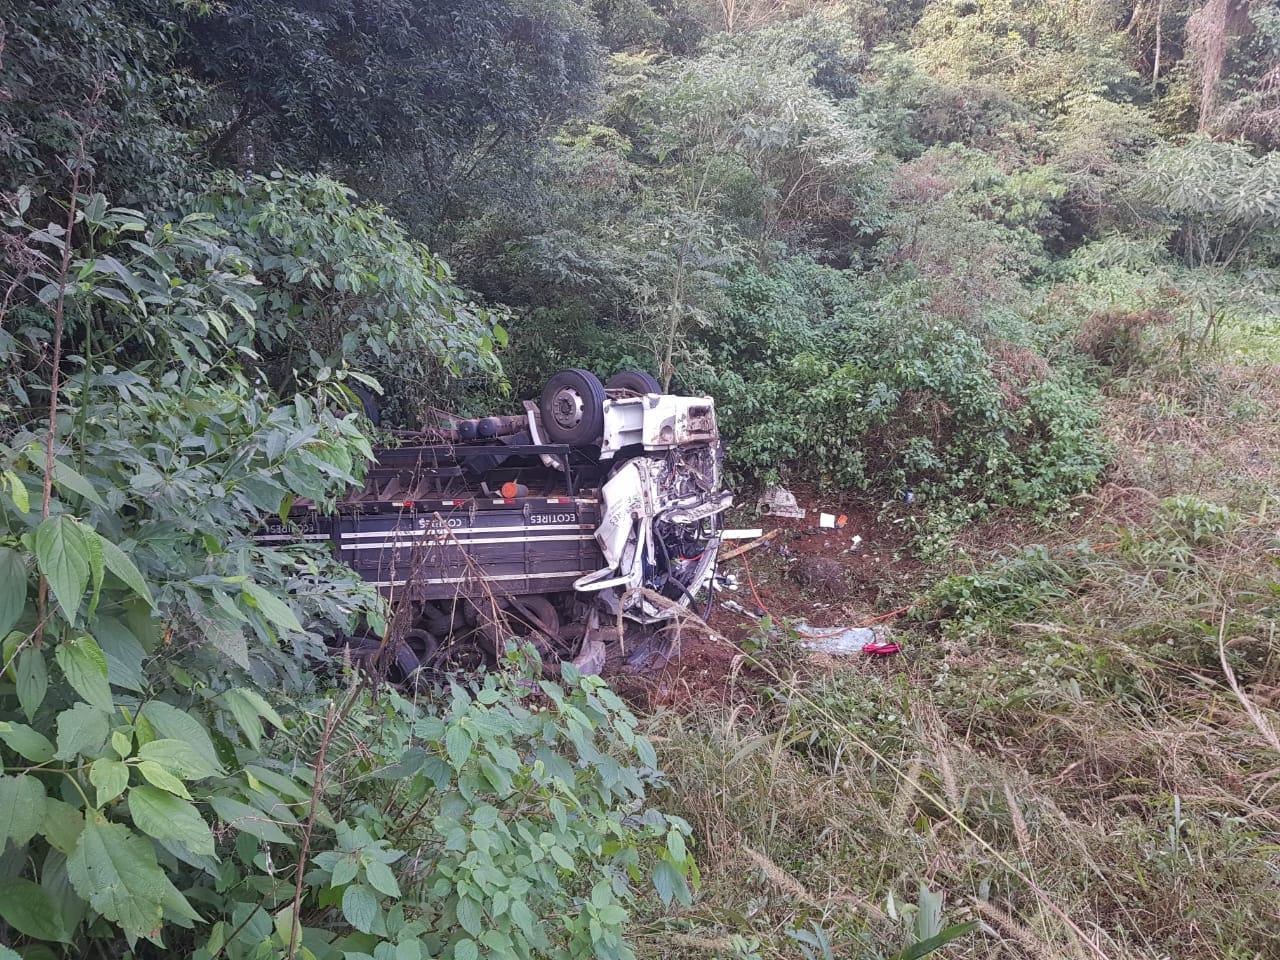 Acidente com caminhão deixa uma pessoa morta na Curva das Cobras